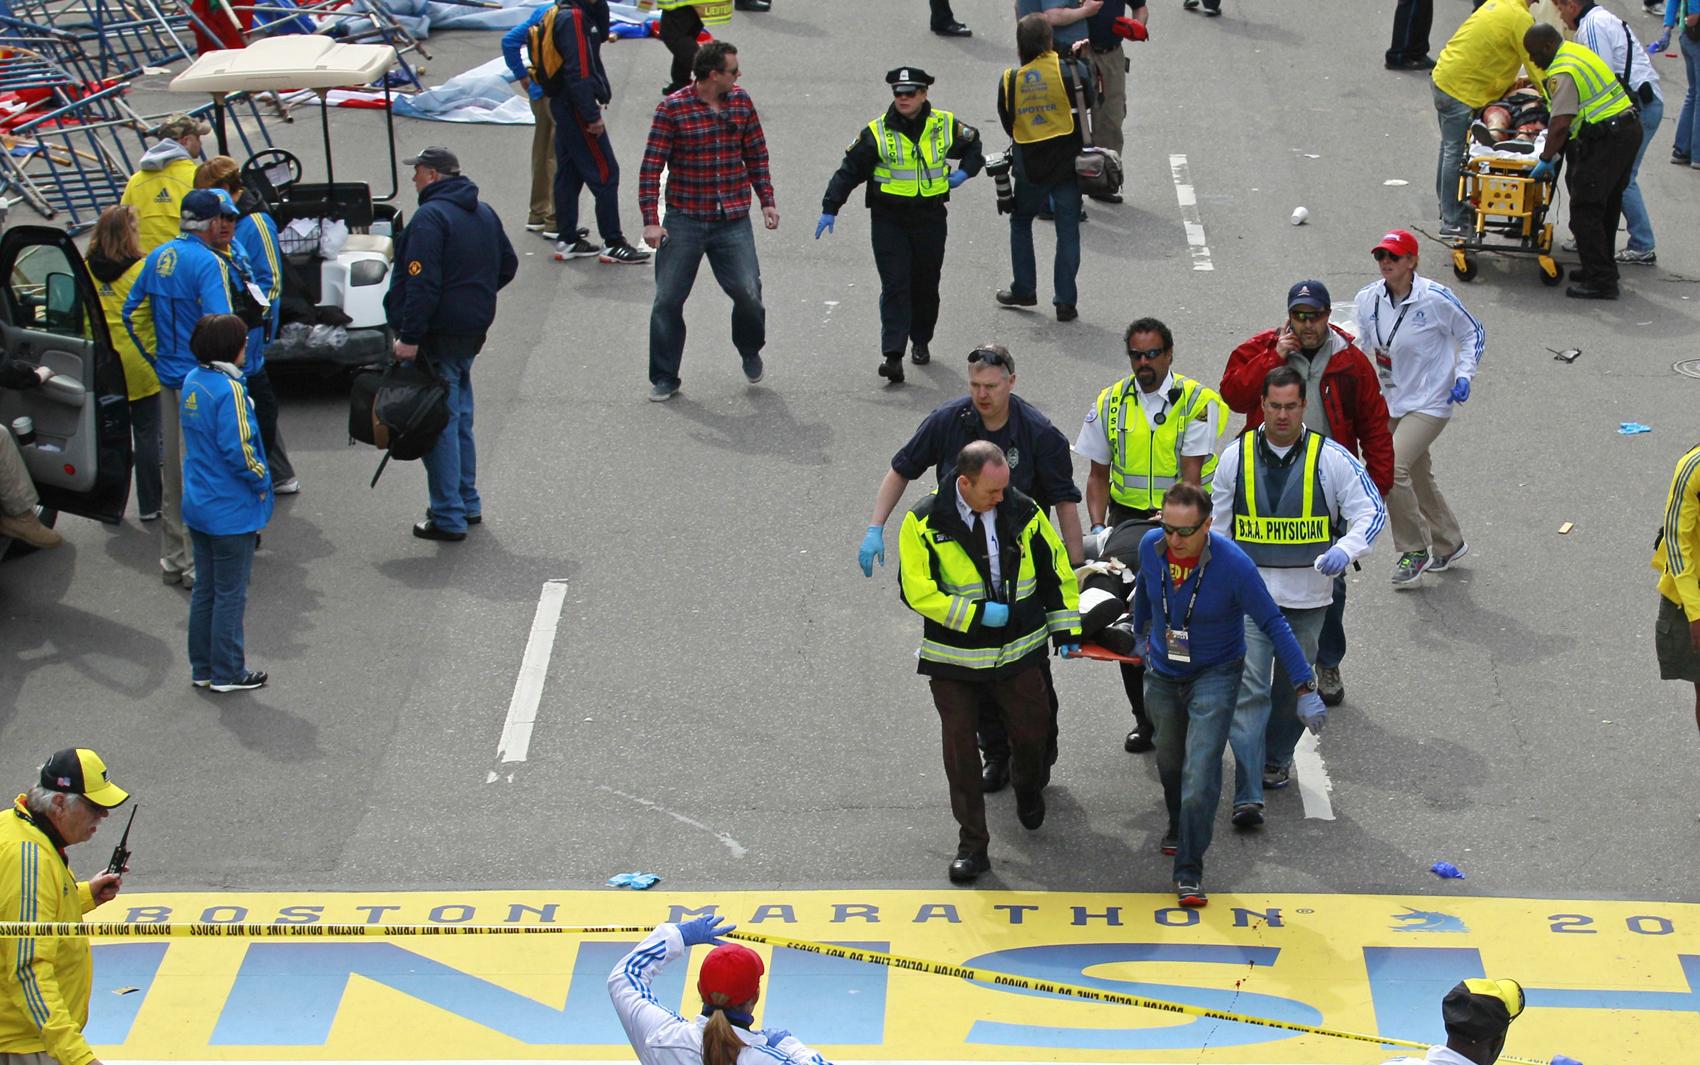 Duas fortes explosões deixaram vários feridos na chegada da Maratona de Boston, nos EUA, nesta segunda-feira (15).